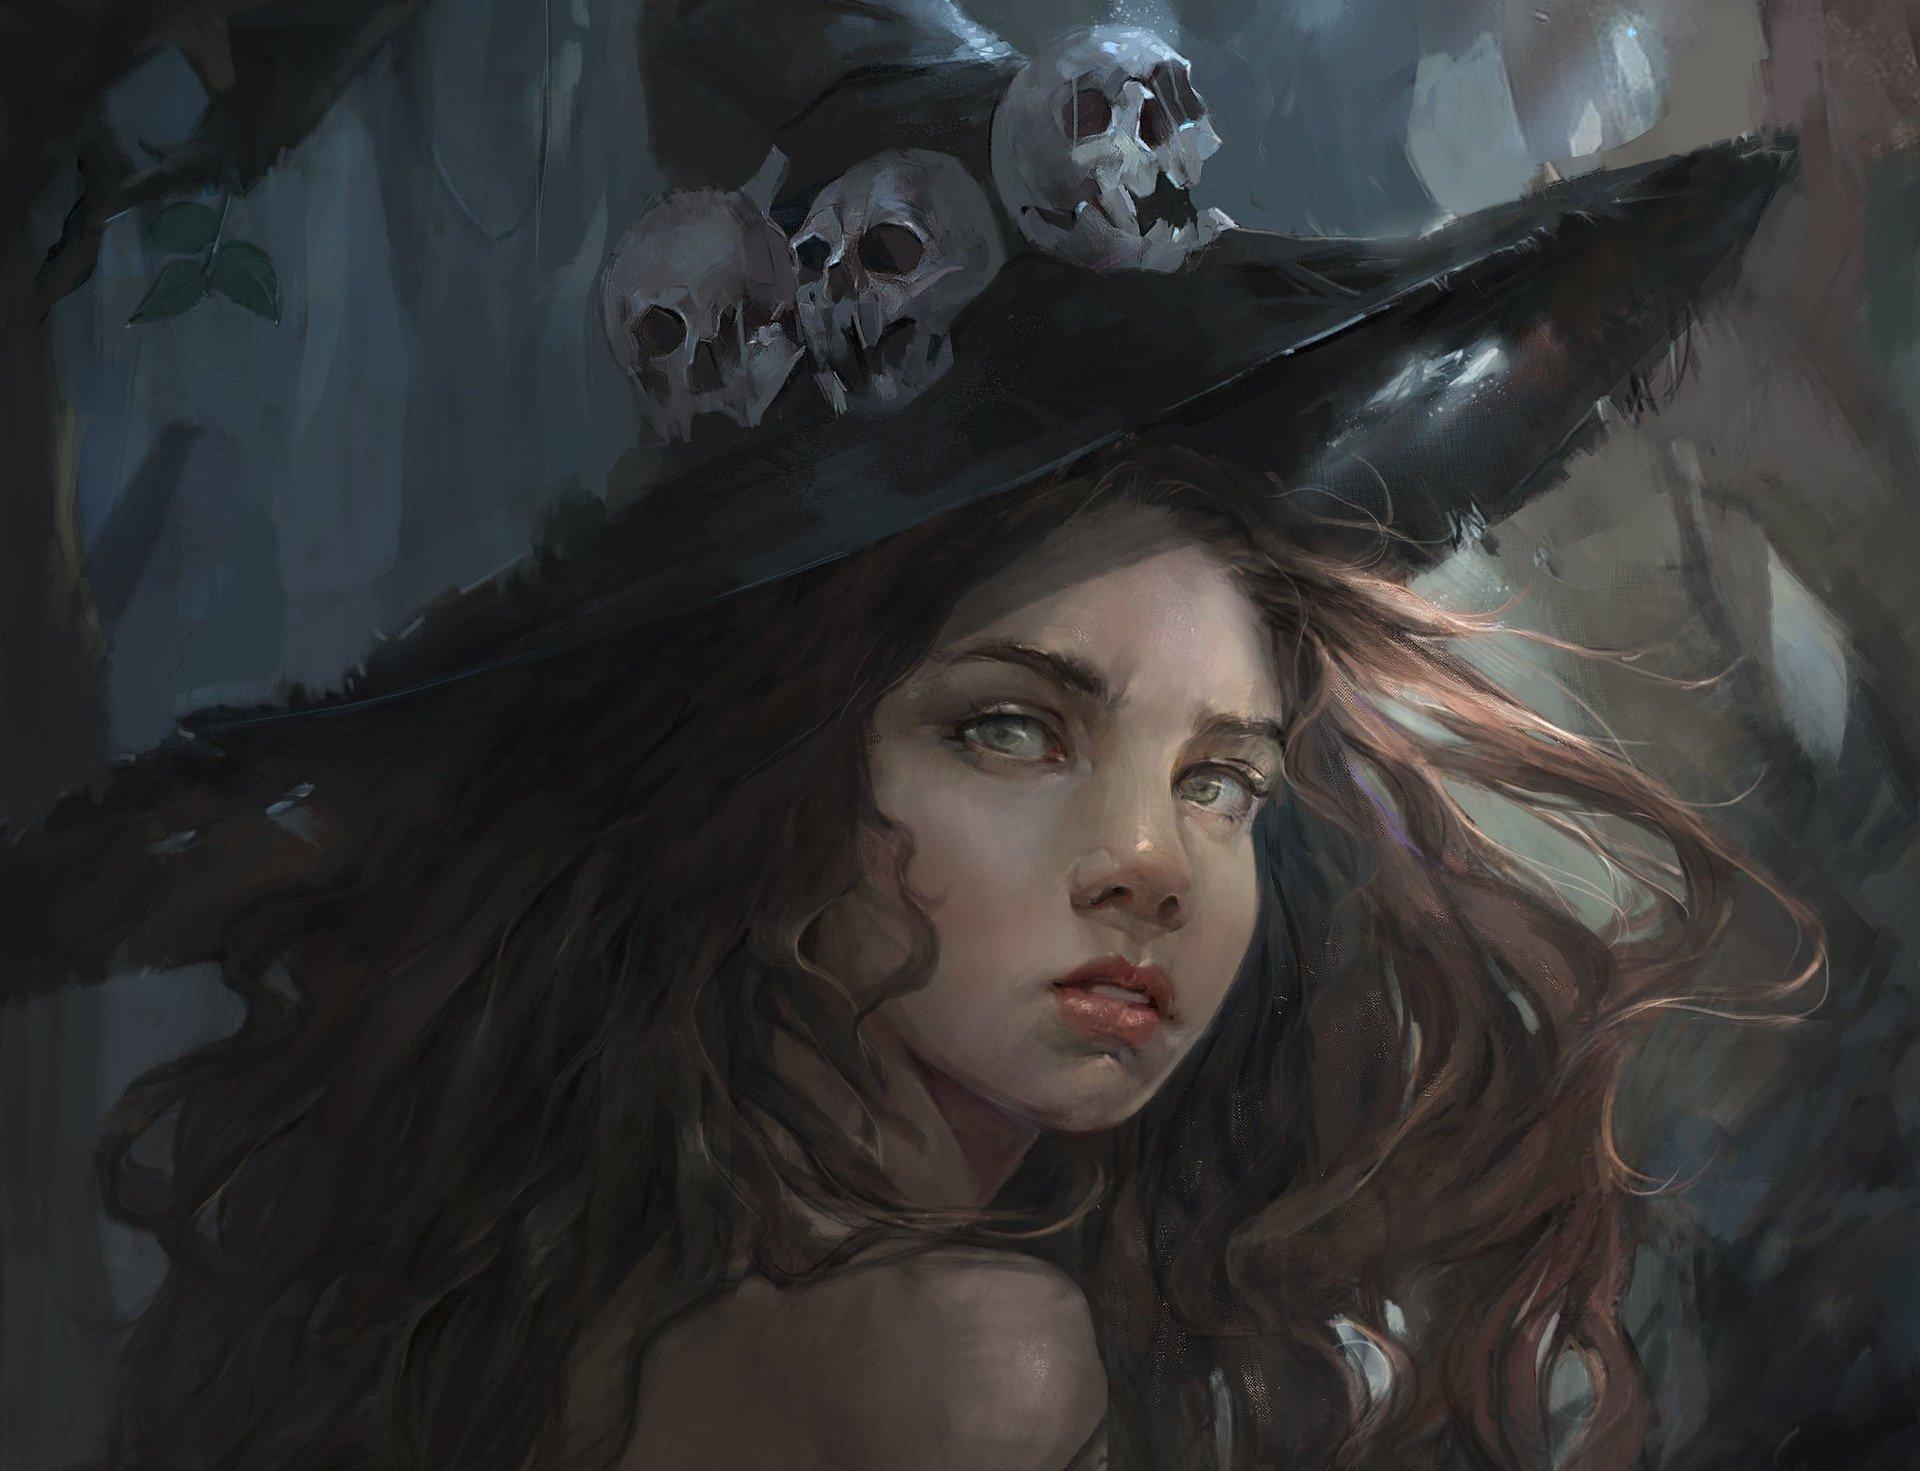 Картинки ведьмы, тему продавец для